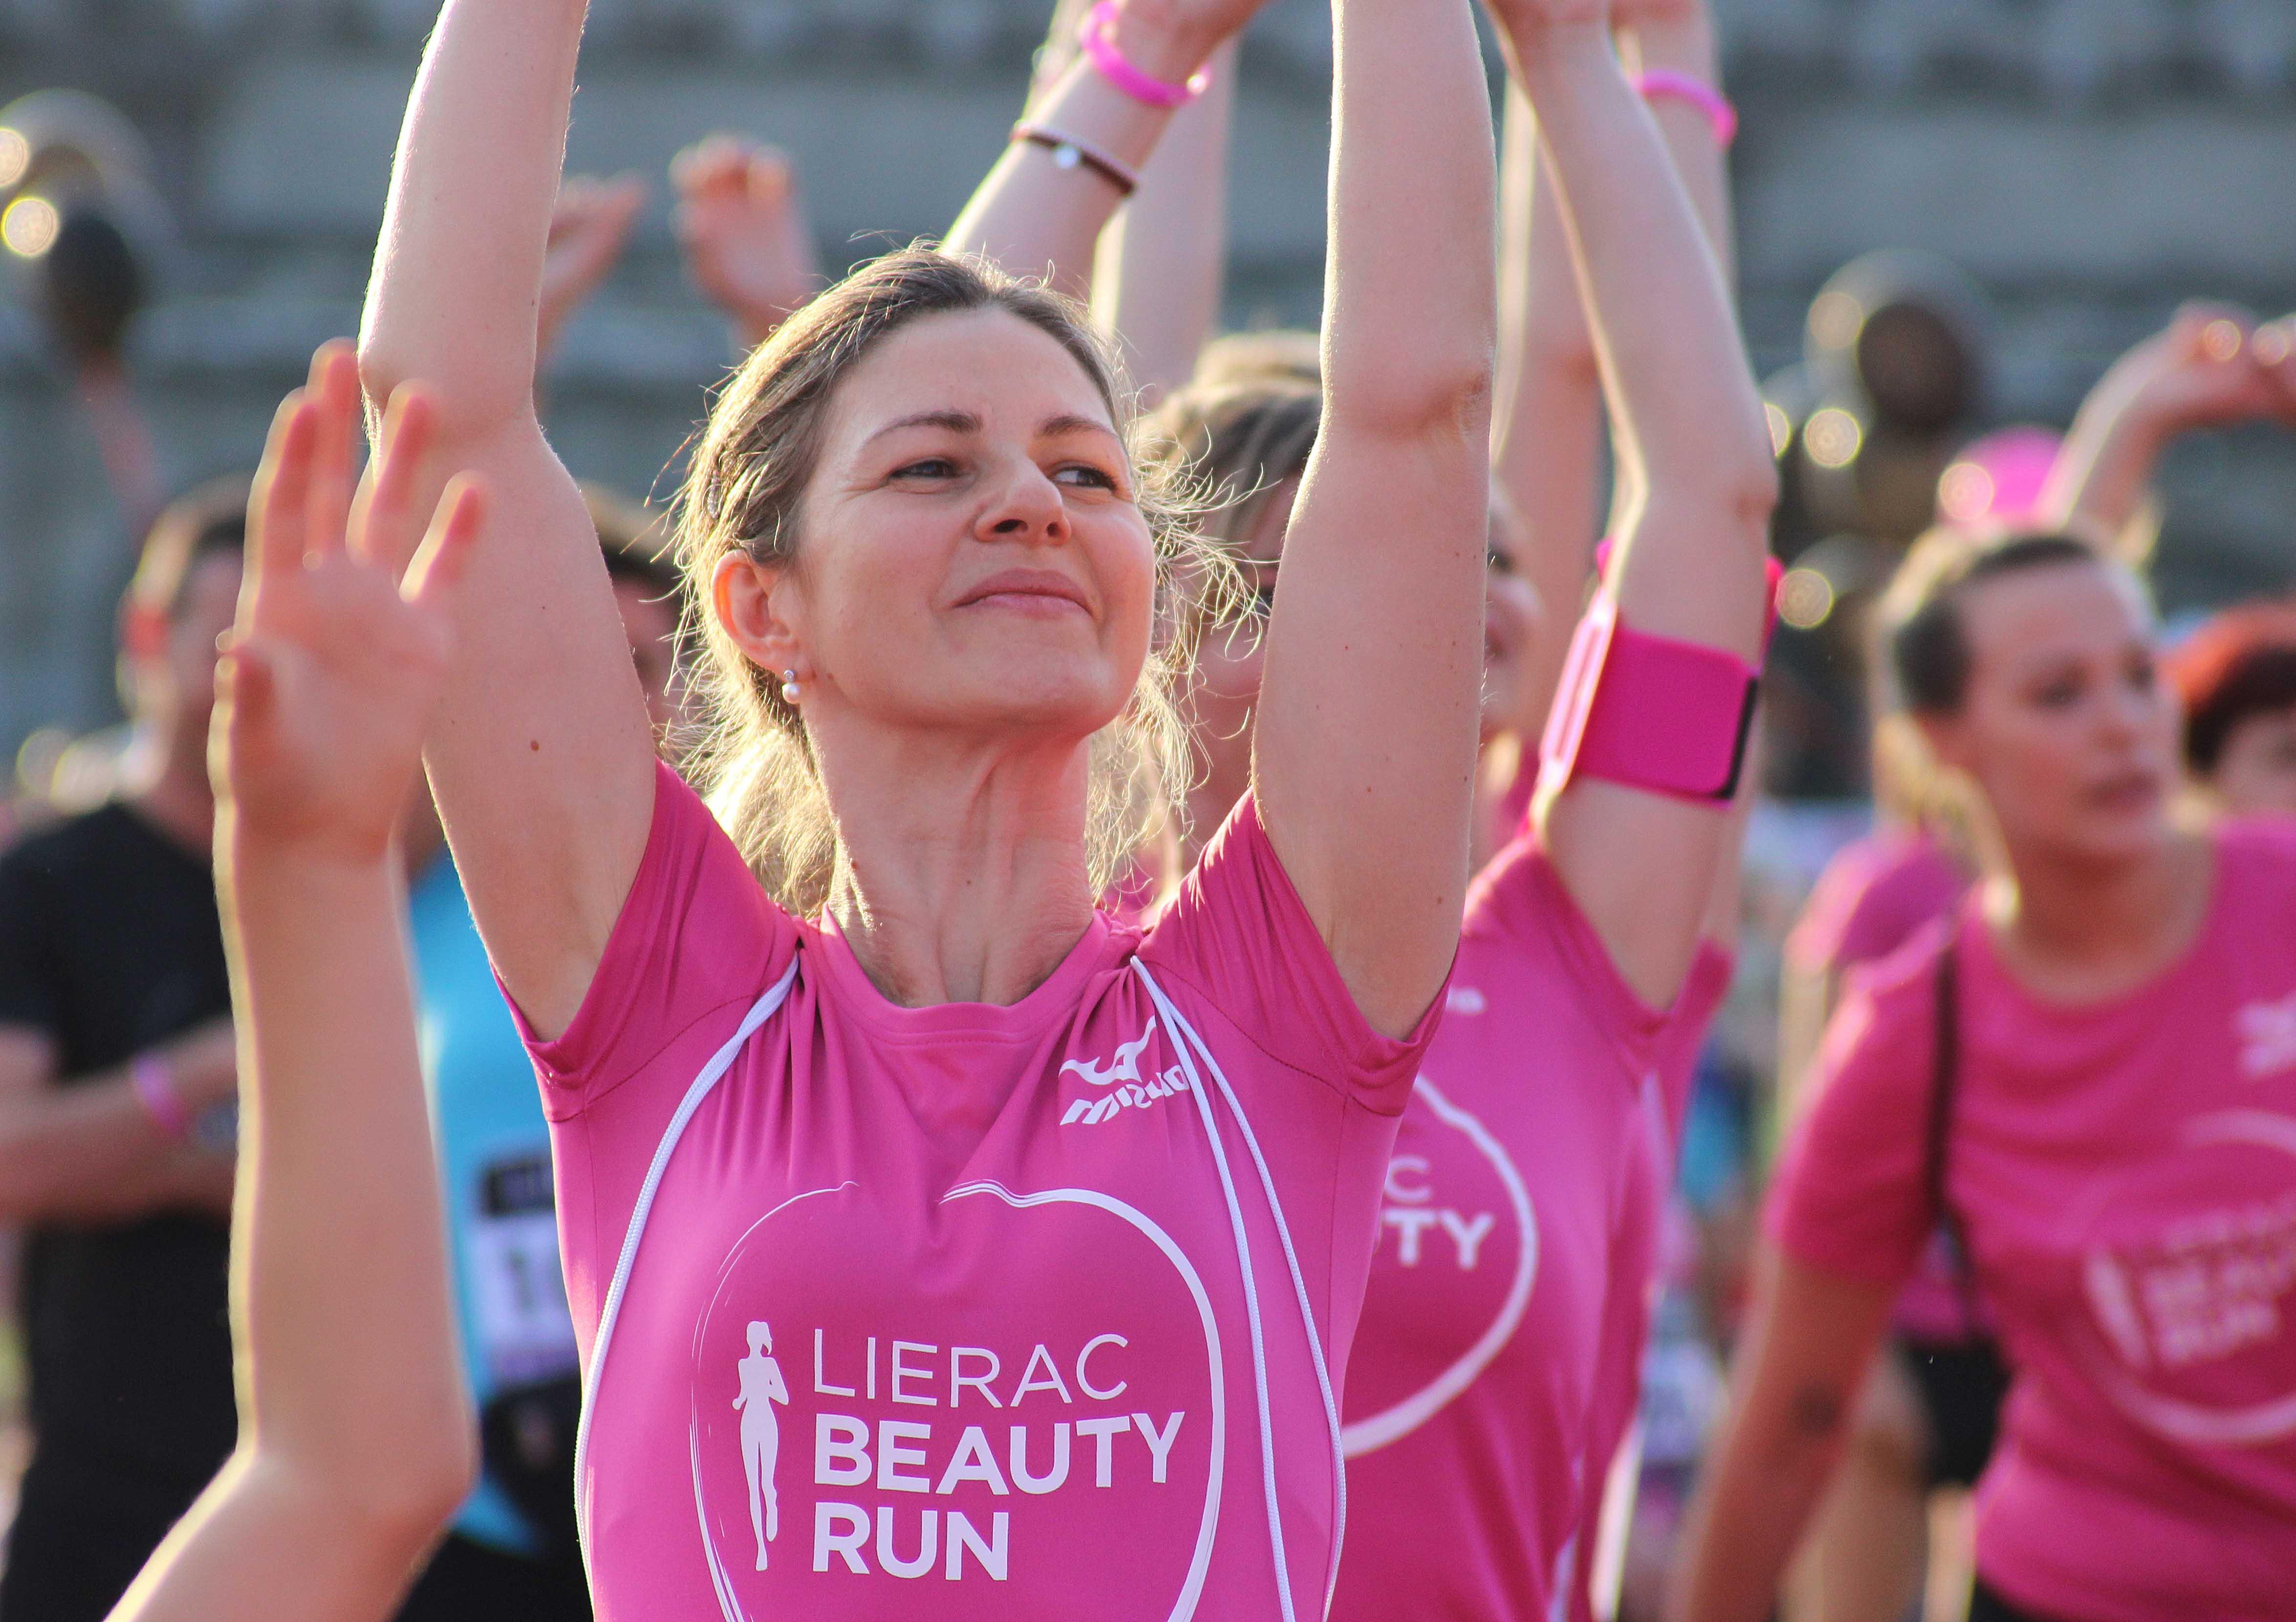 Lierac Beauty Run, per le donne risolte